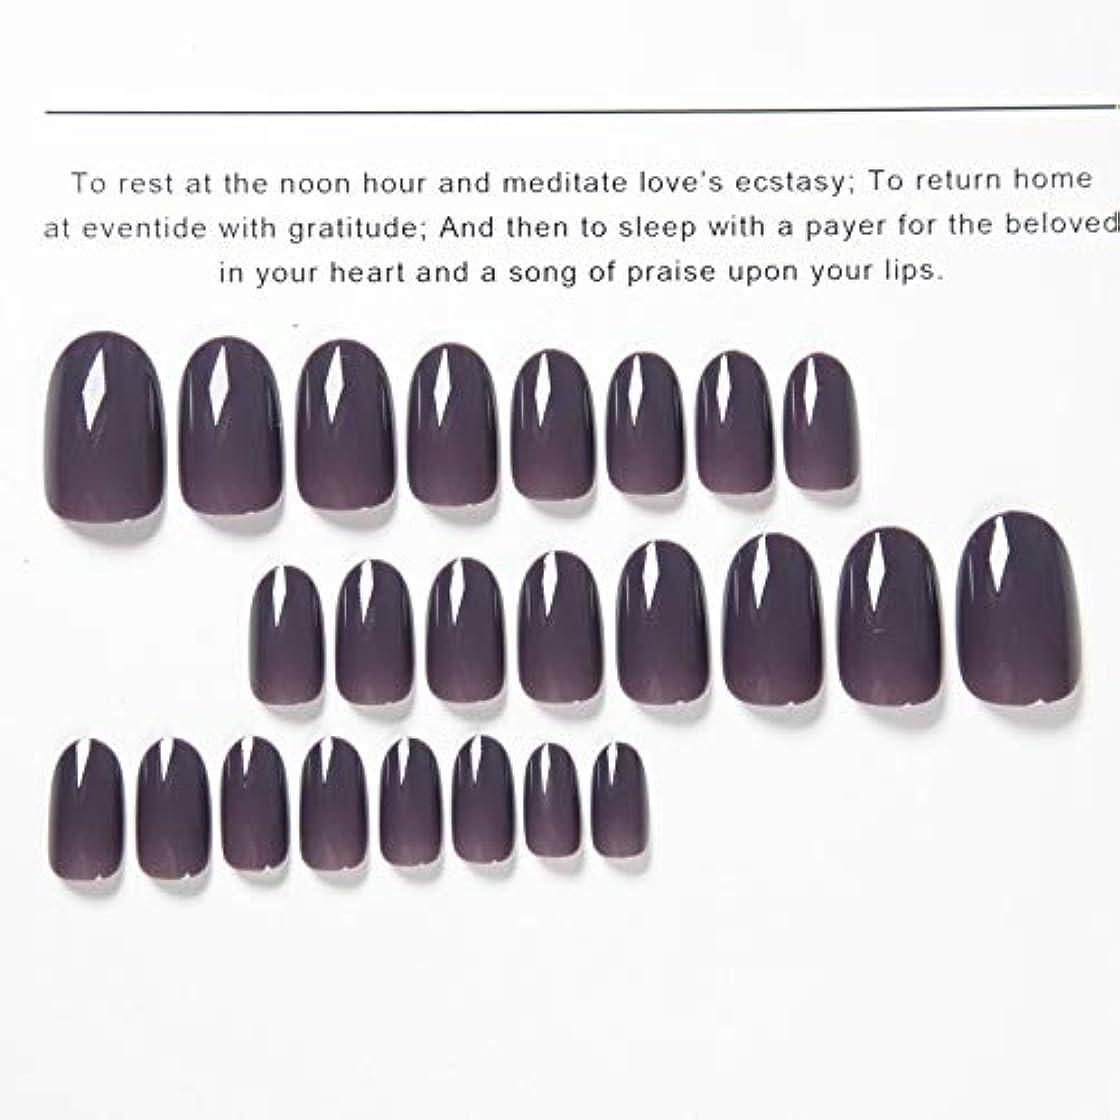 花束不平を言う低下AFAEF HOME 偽の釘の古典24本の釘の釘のテープが付いている出版物の紫色